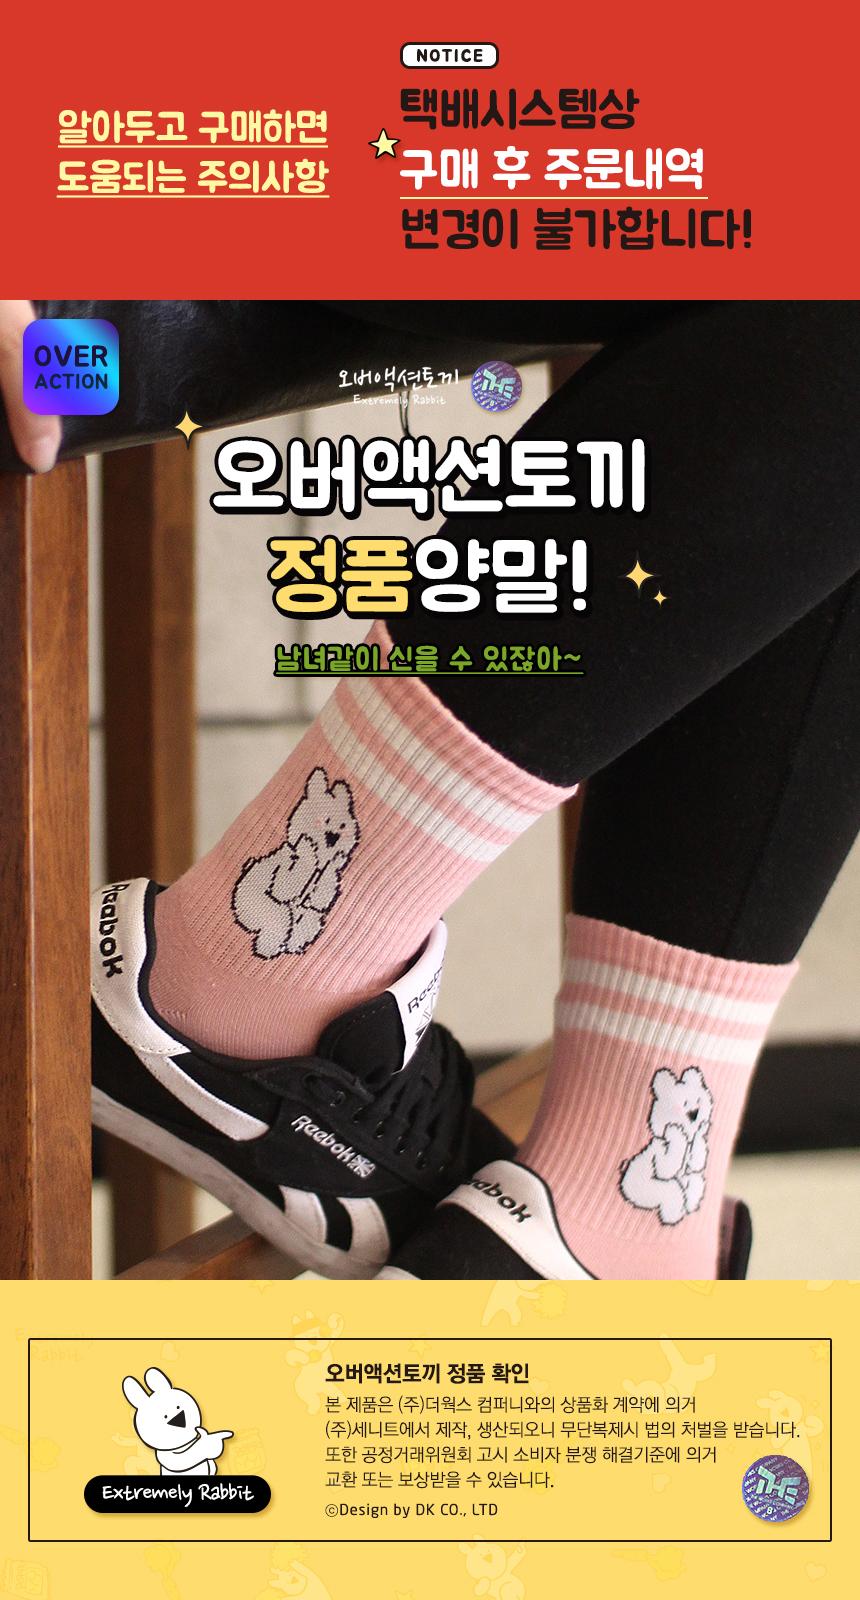 오버액션토끼 양말 여자 남자 두줄포인트 중목 - 오버액션토끼, 1,900원, 여성양말, 패션양말